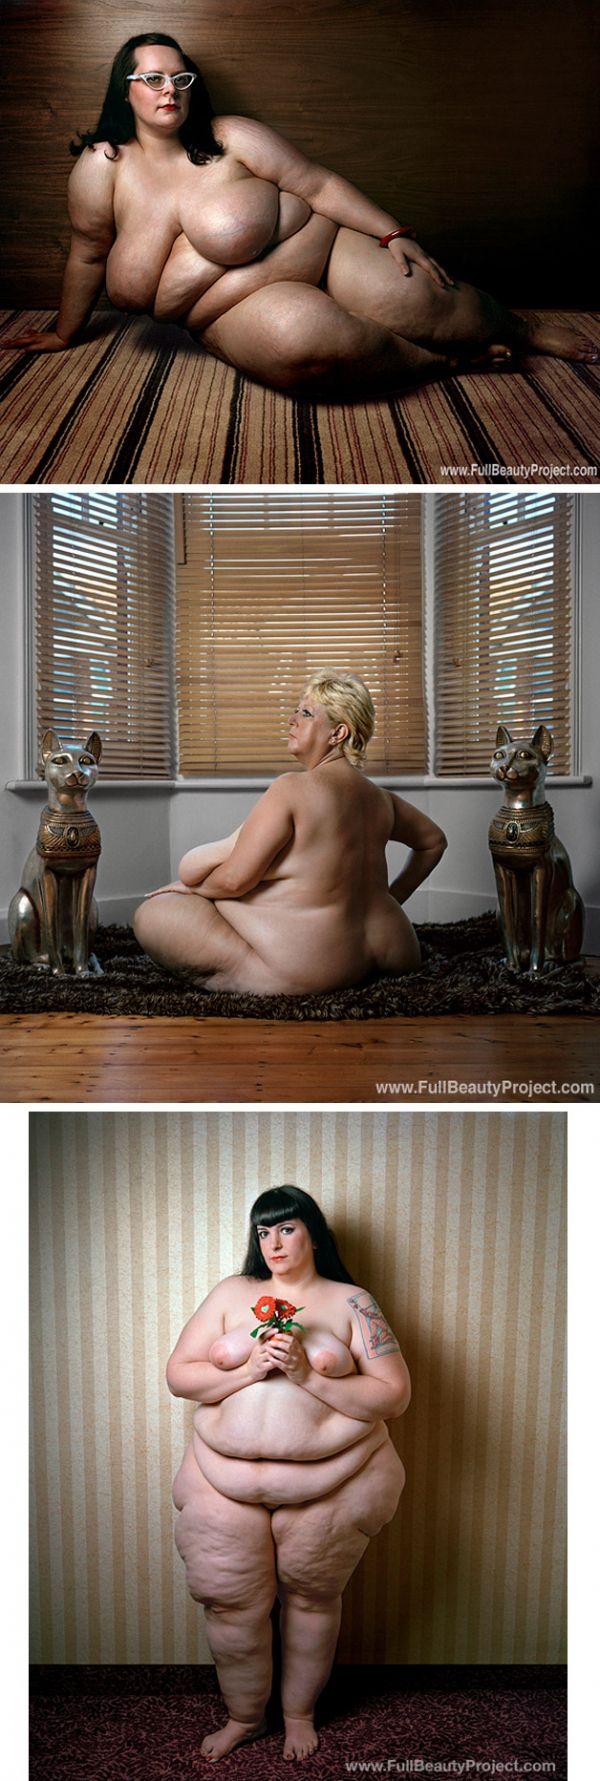 FULLBEAUTY: fotos de obesas mórbidas desnudas (2)